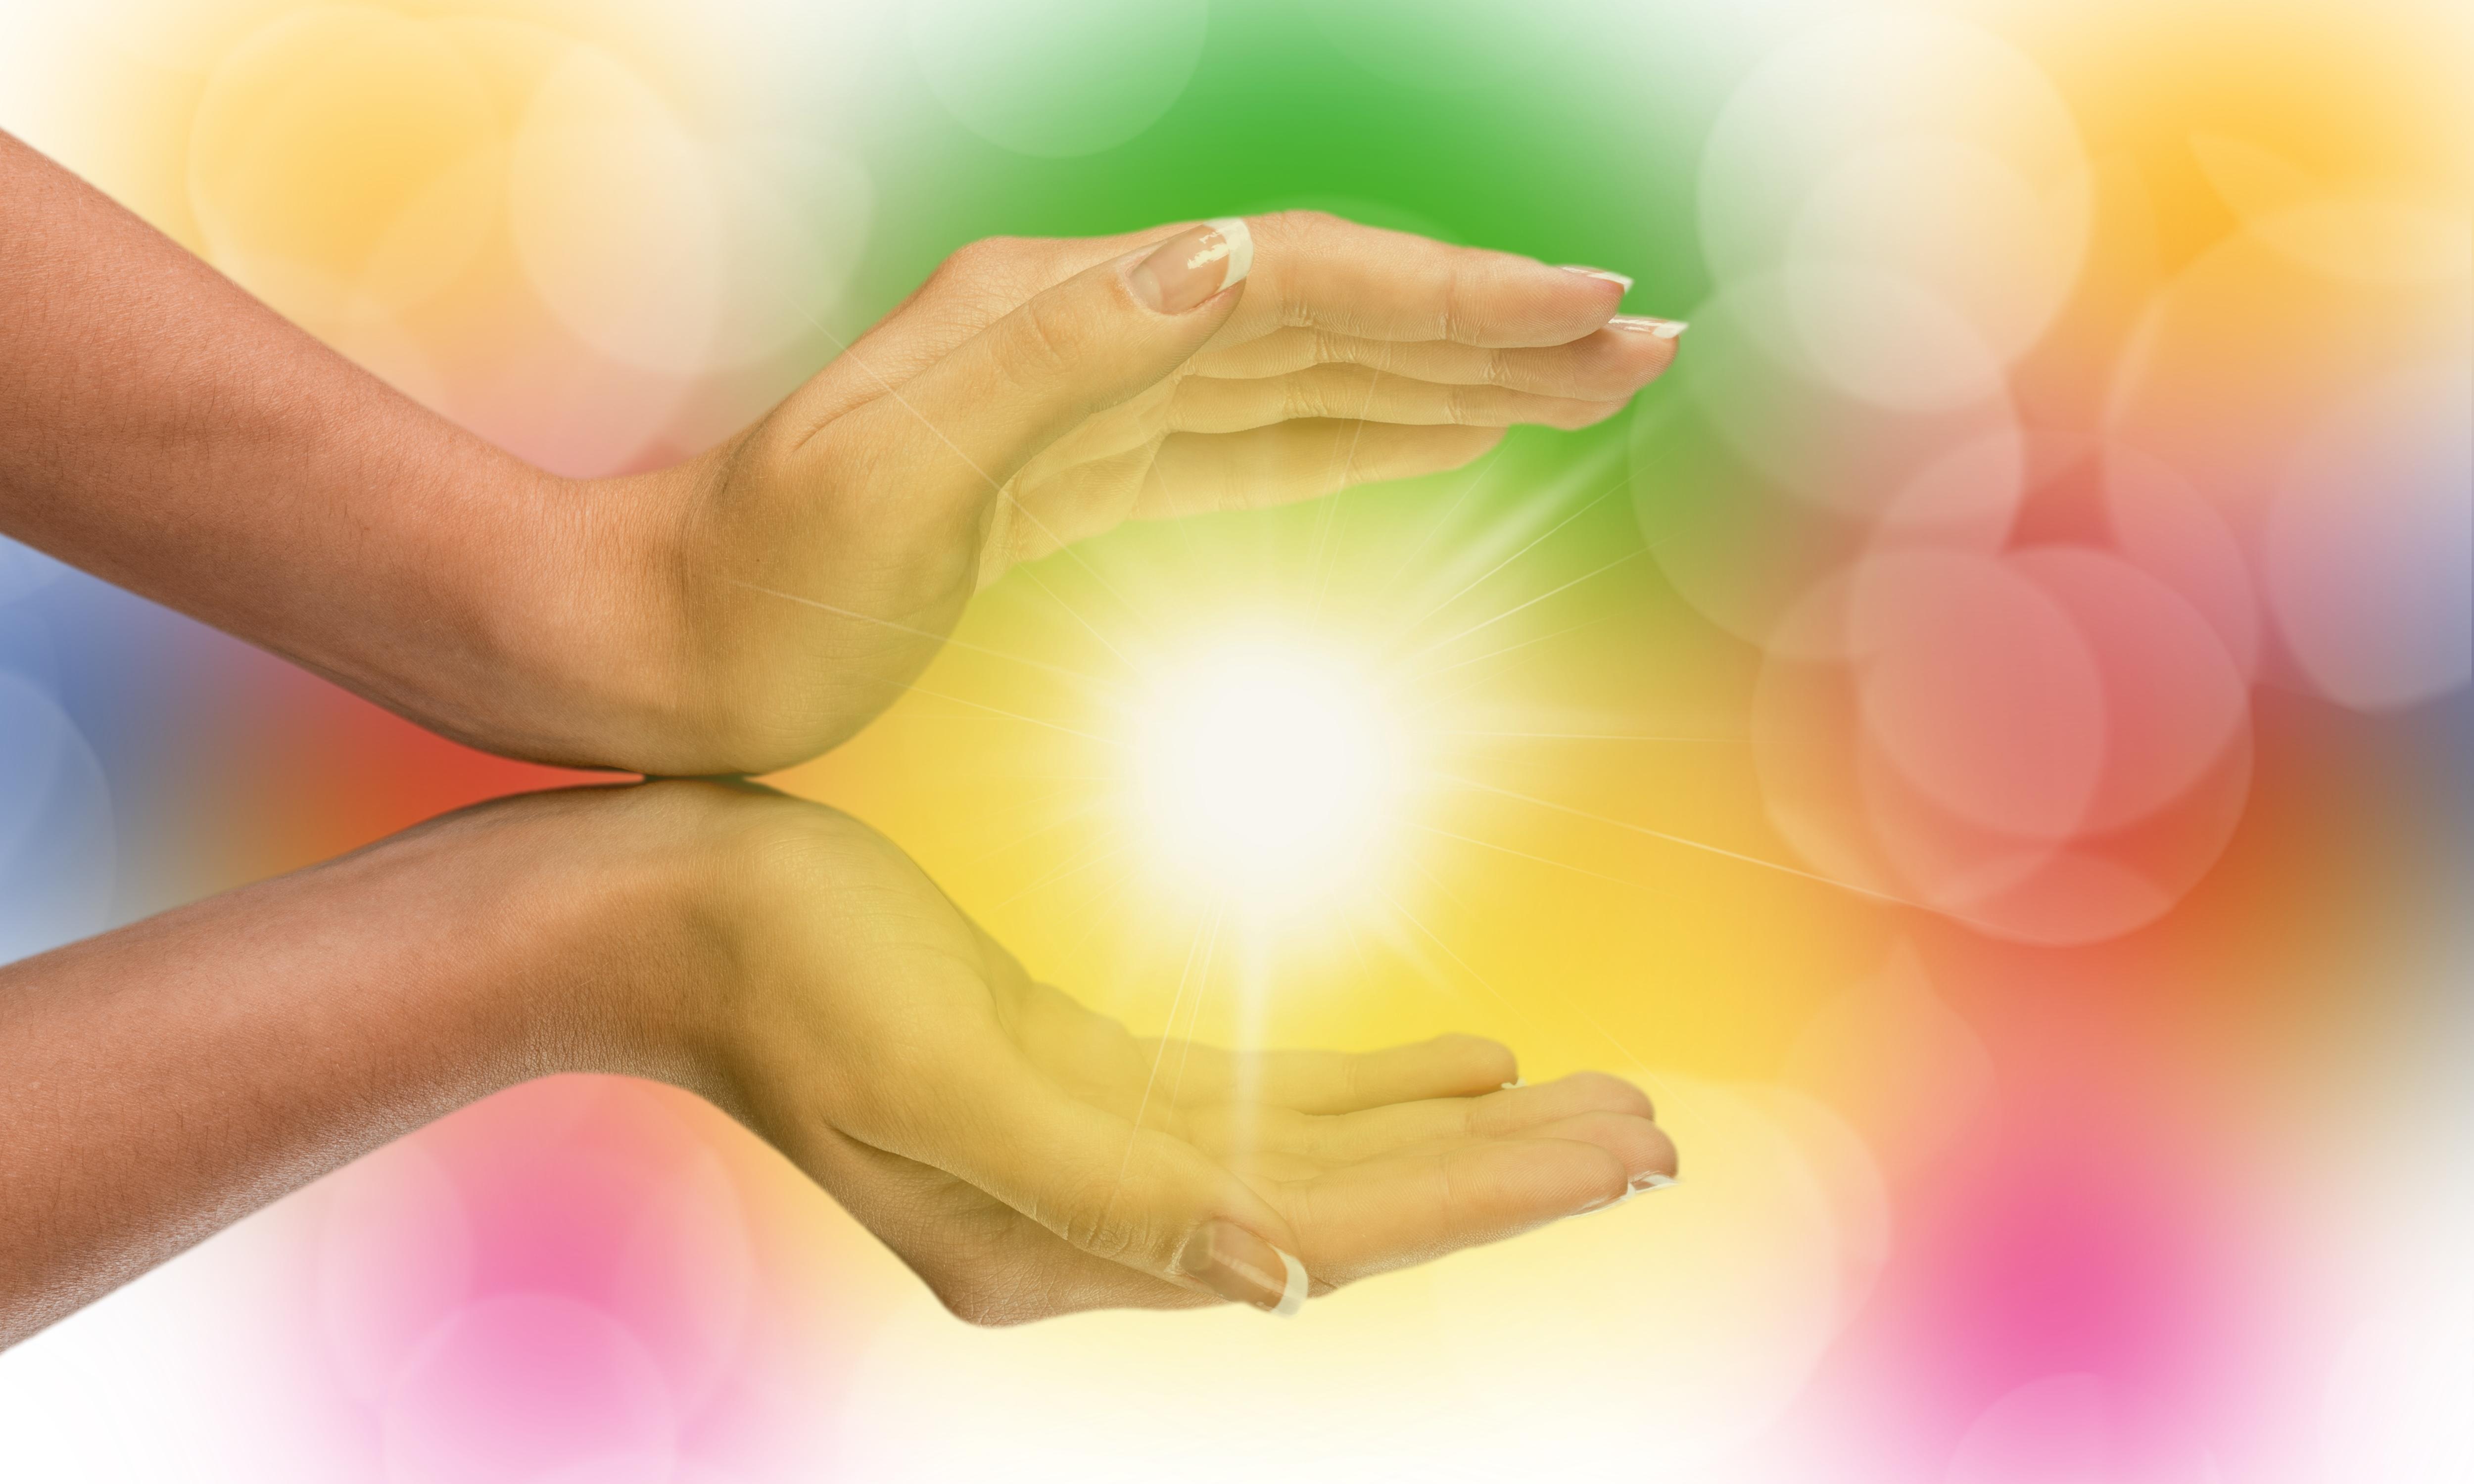 Beseelte Psychotherapie - Kreativität als spiritueller Weg in Therapie und Beratung - Wahlmodul